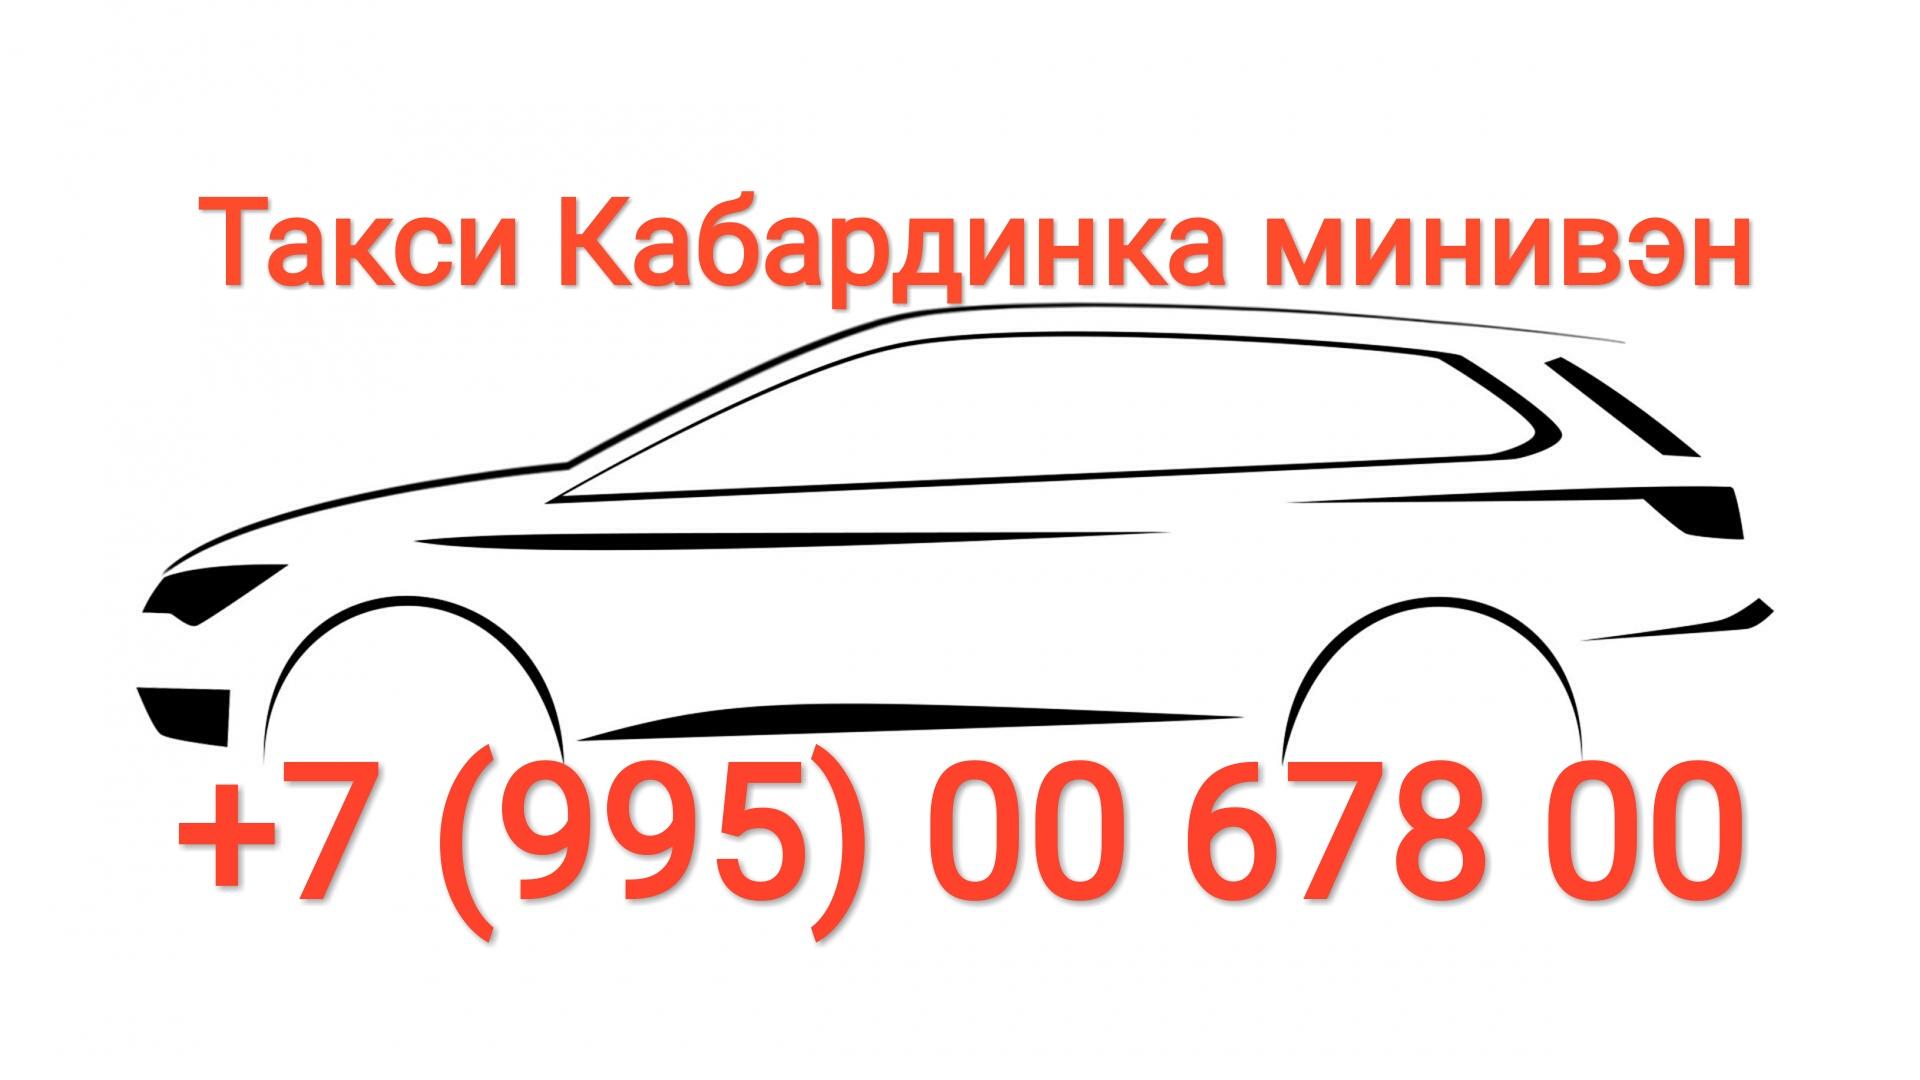 Такси Кабардинка Минивэн